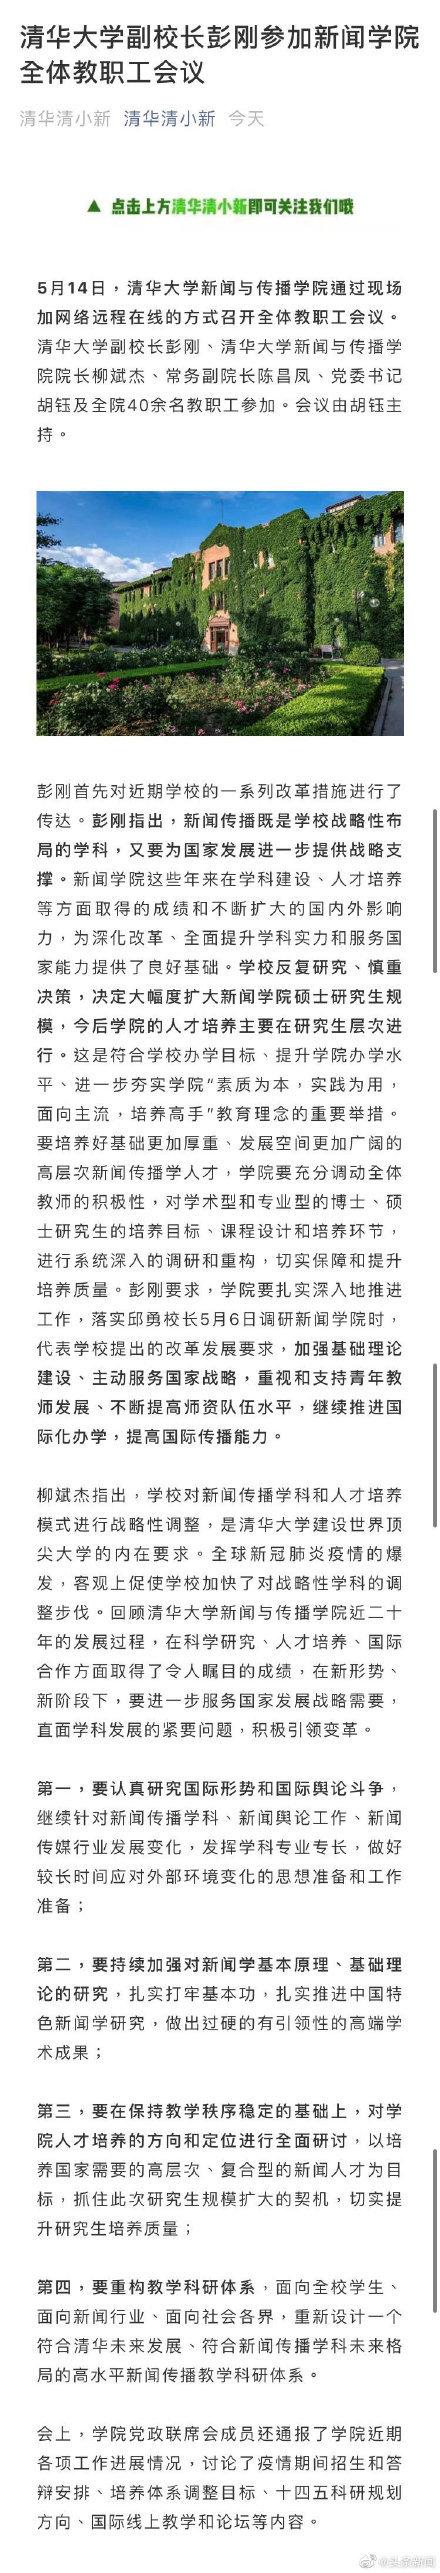 怎么看清华新传学院将取消本科 扩大研究生招生力度